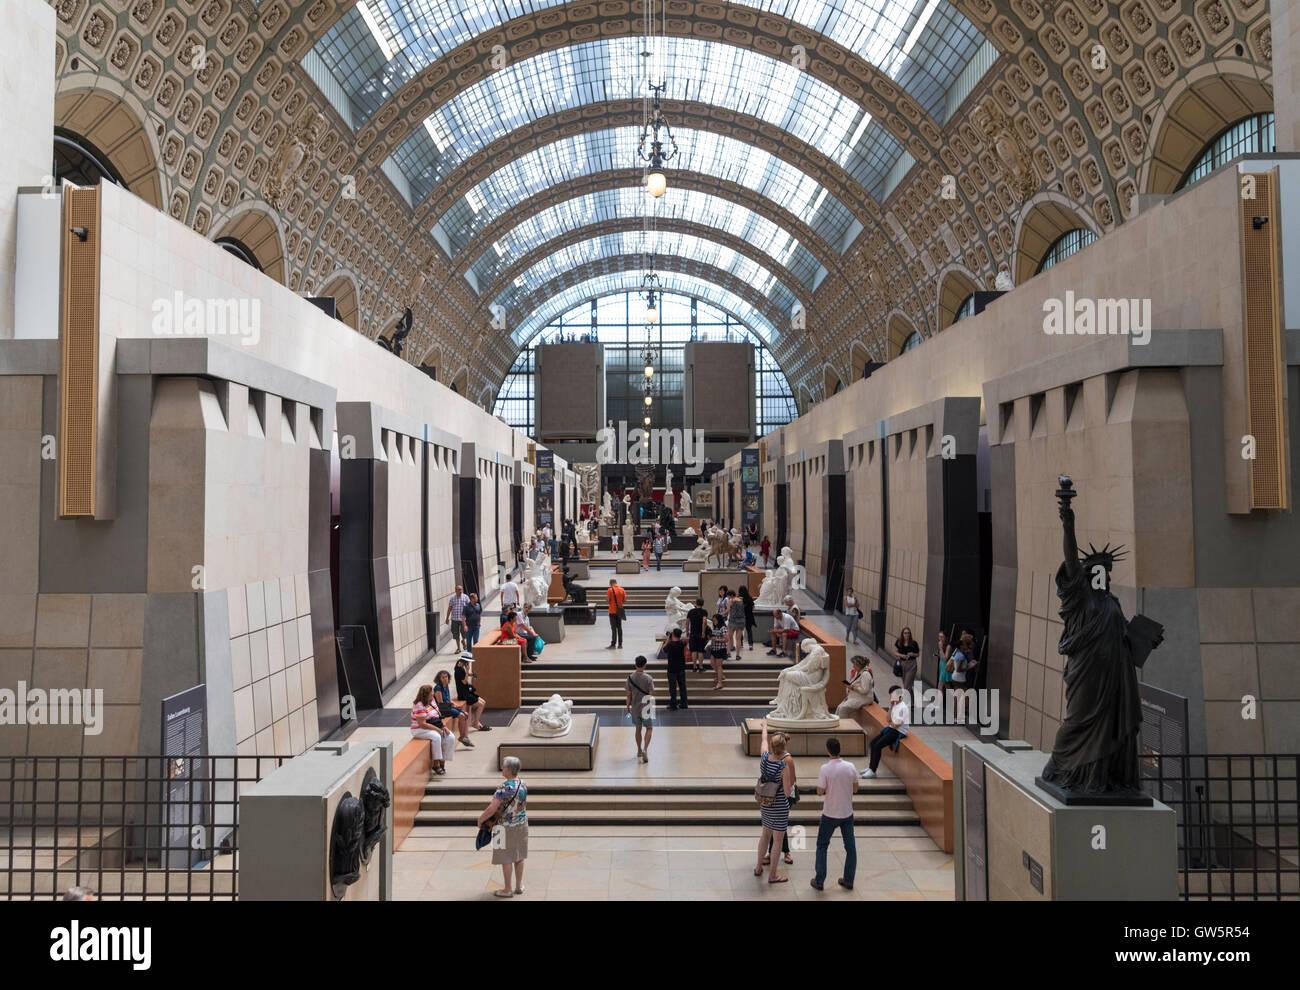 The Musée d'Orsay museum, Paris, France - Stock Image